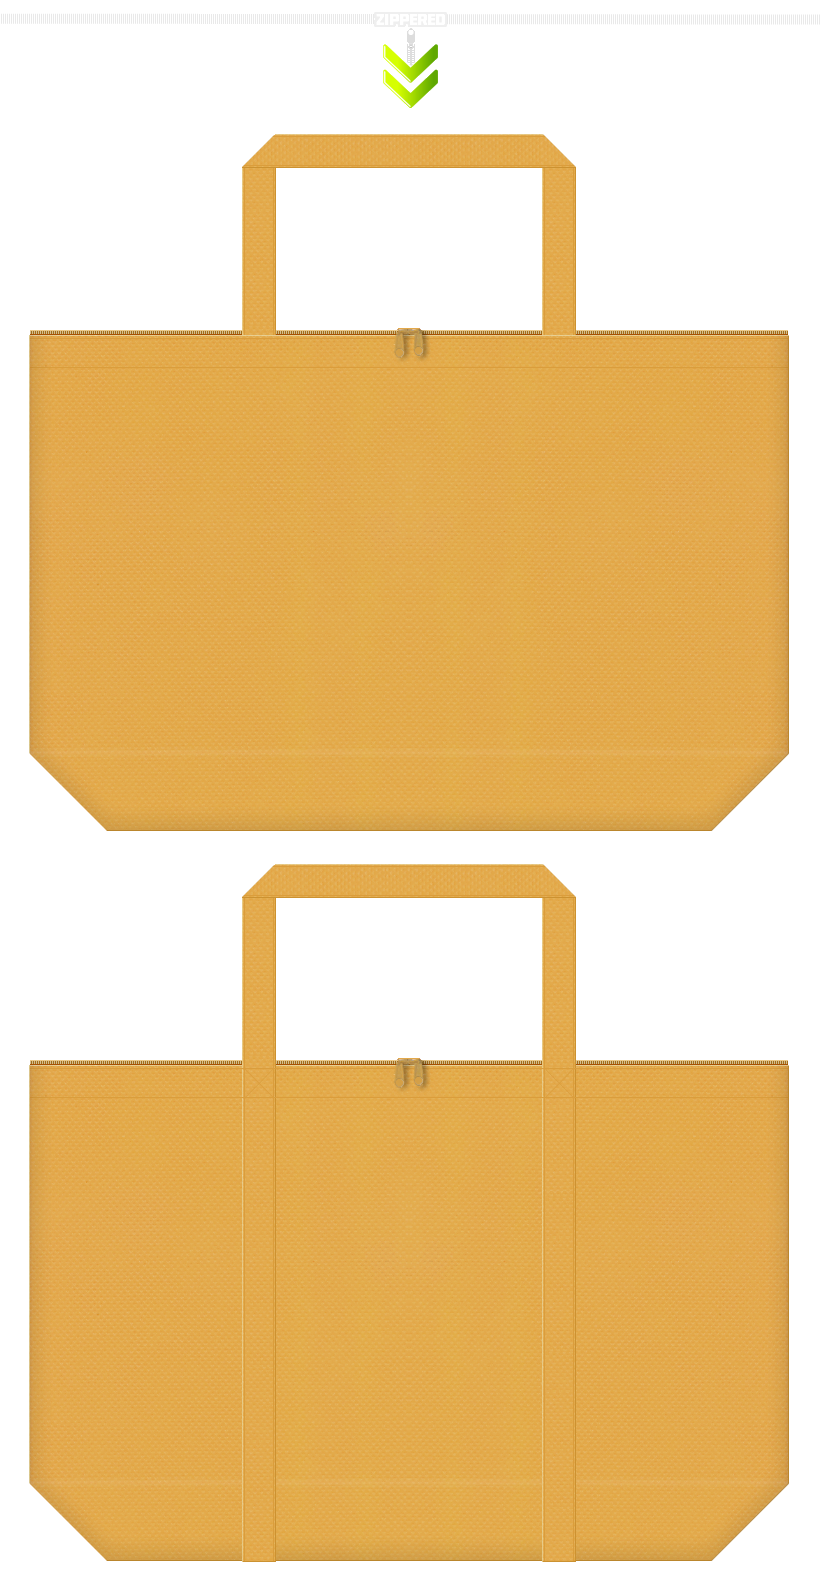 秋冬のマストカラー、黄土色の不織布エコバッグ